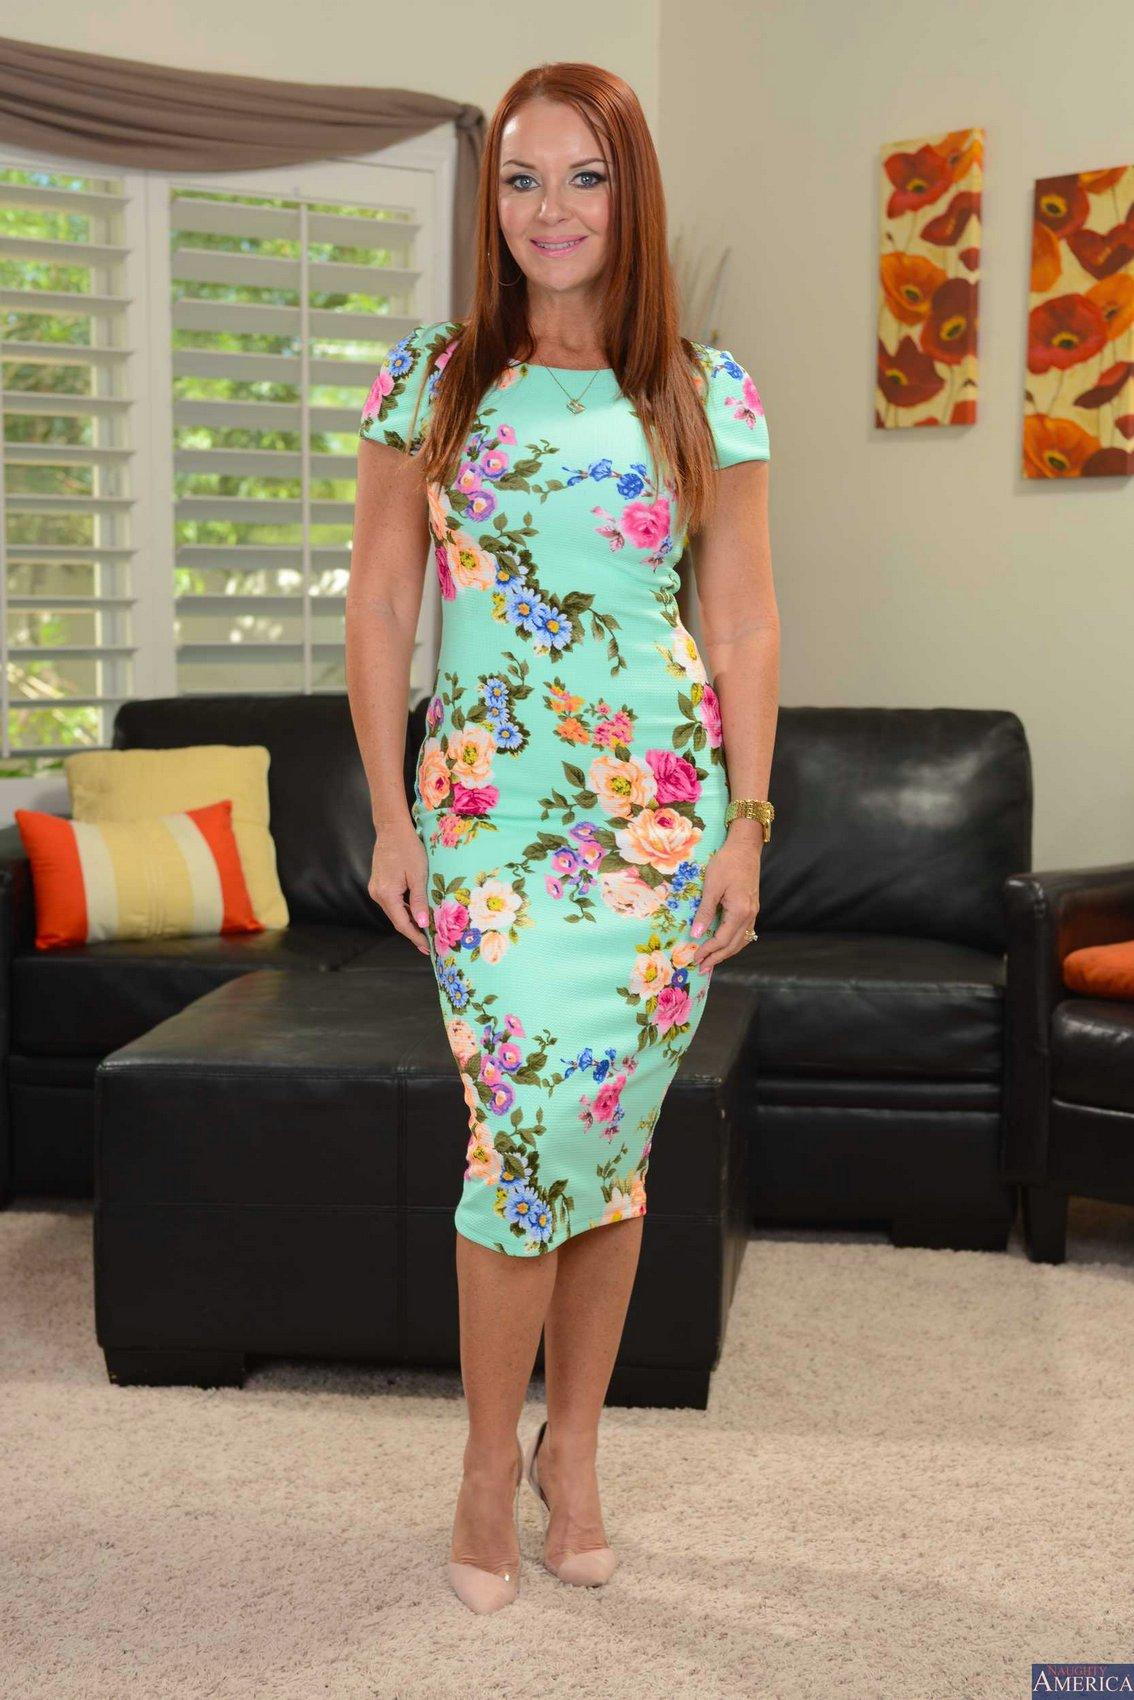 Hot milfs in dresses